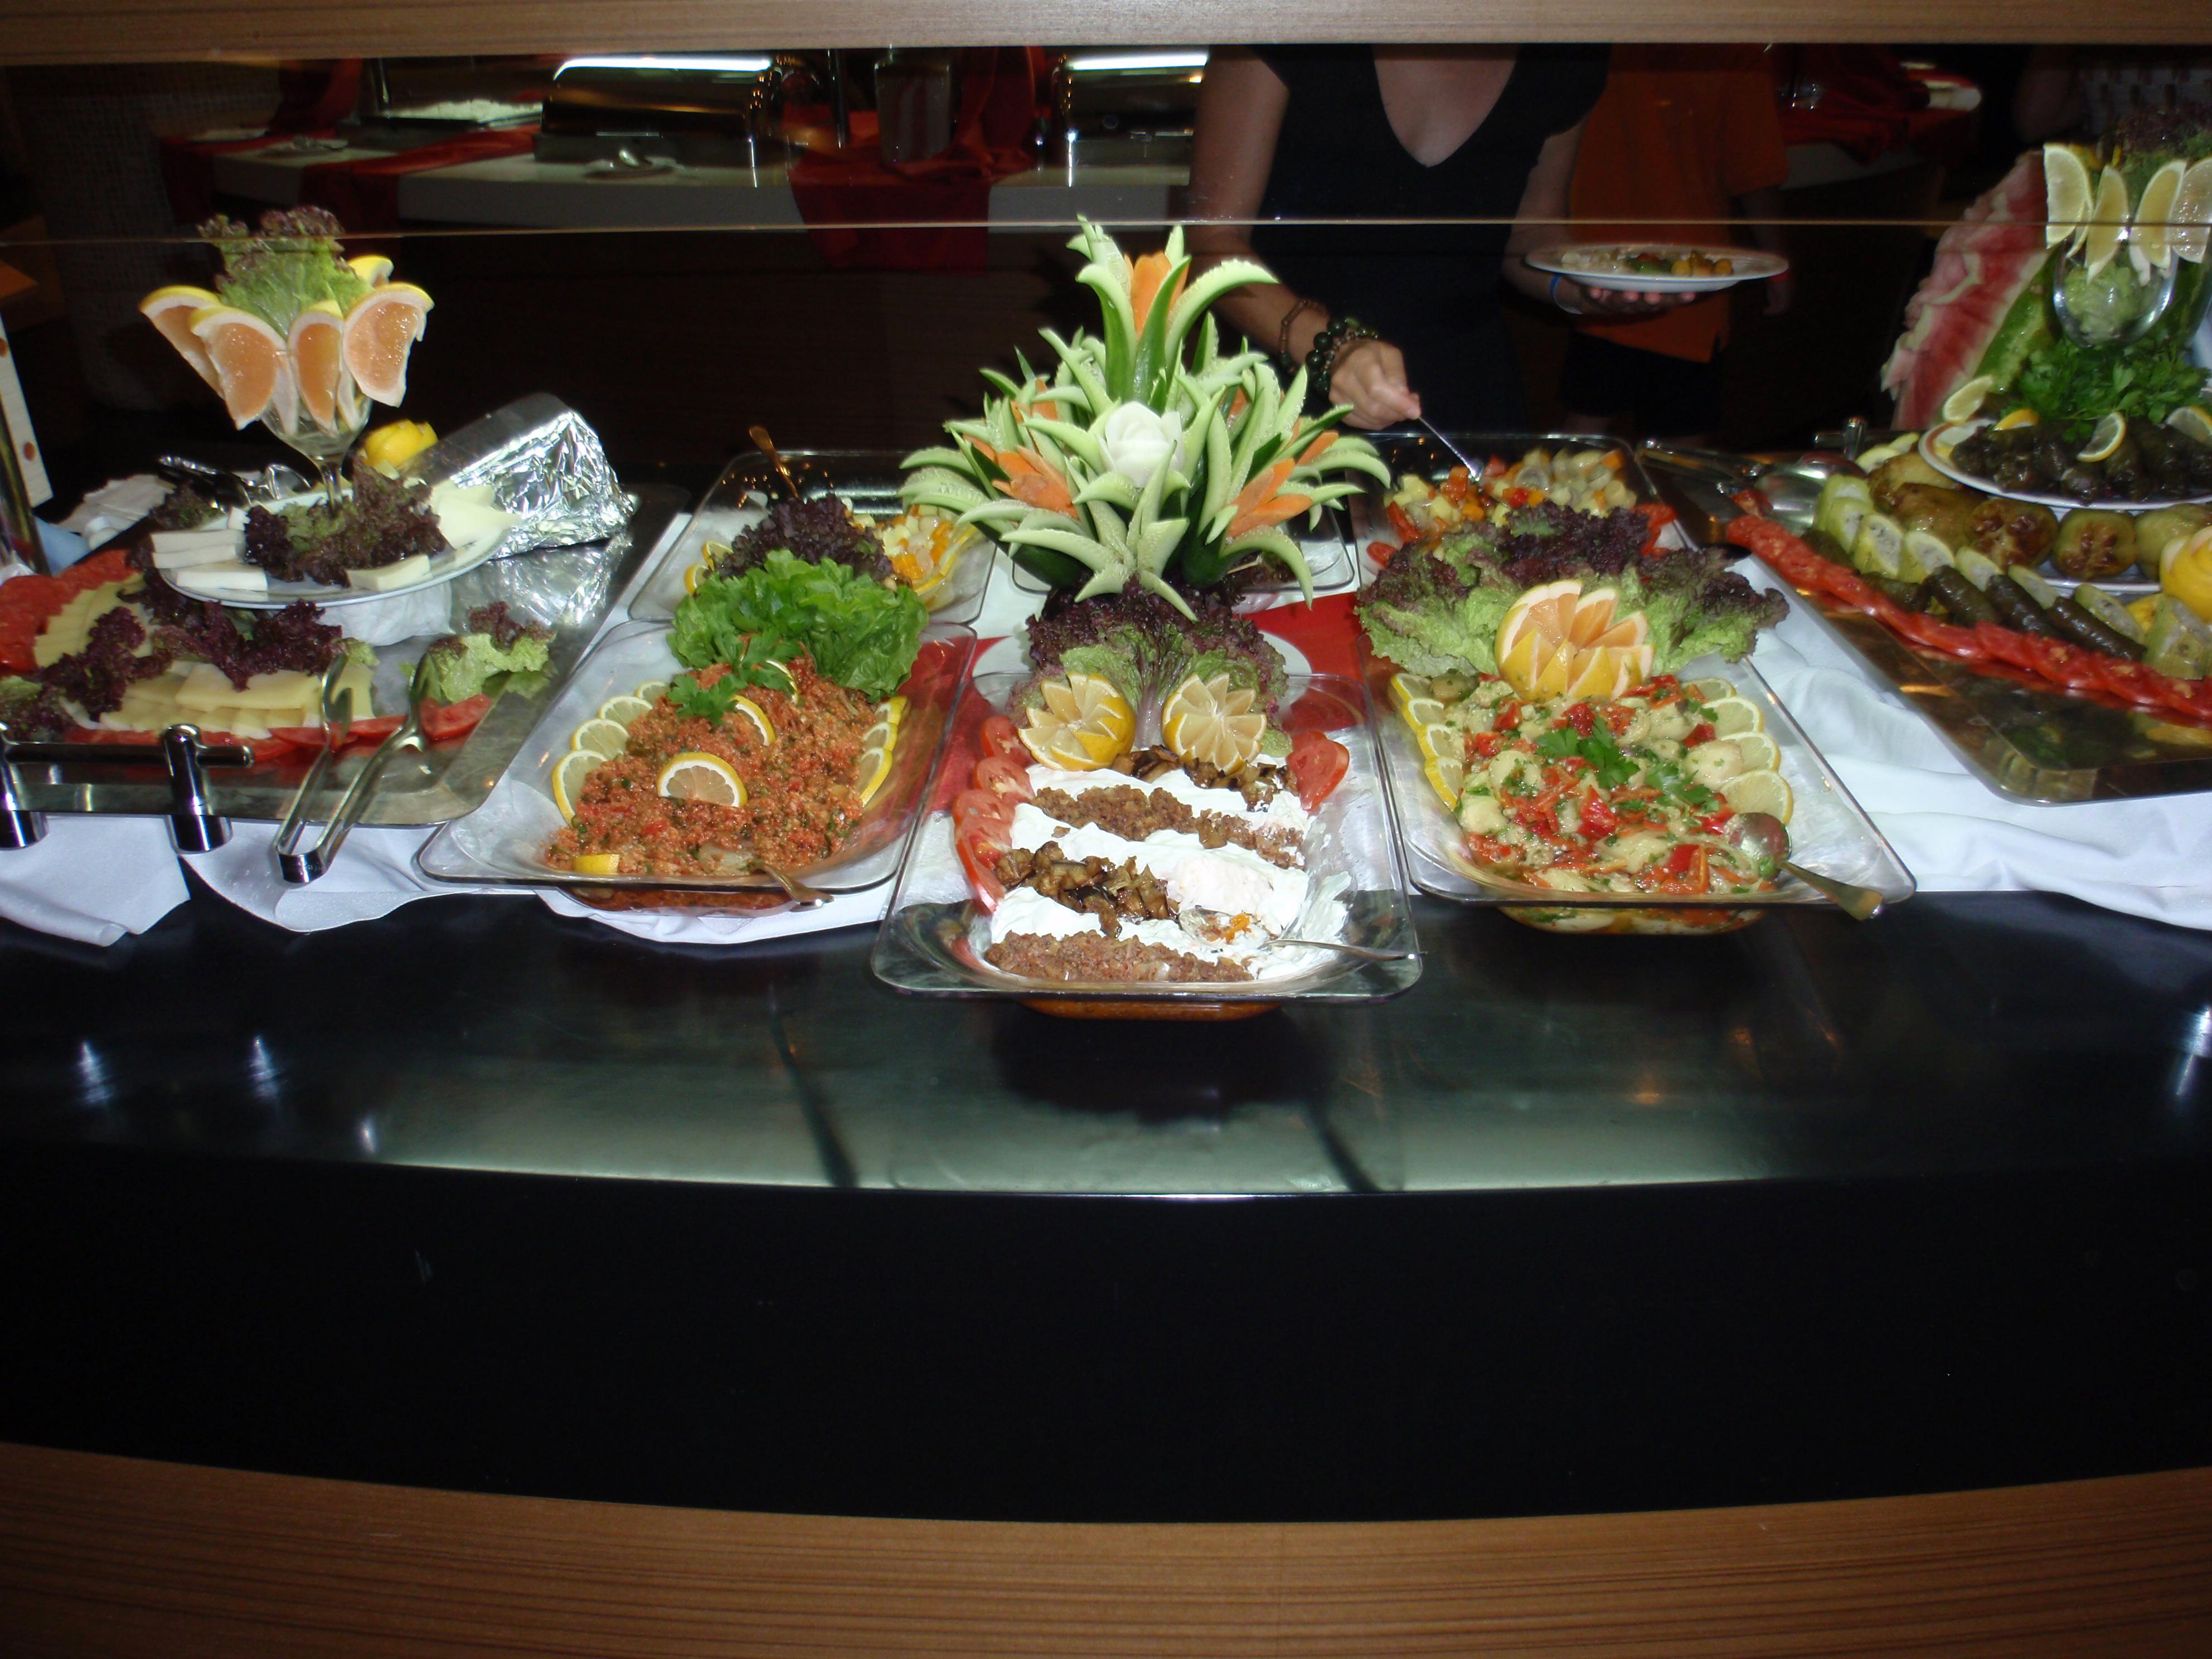 True Food Restaurant Santa Monica